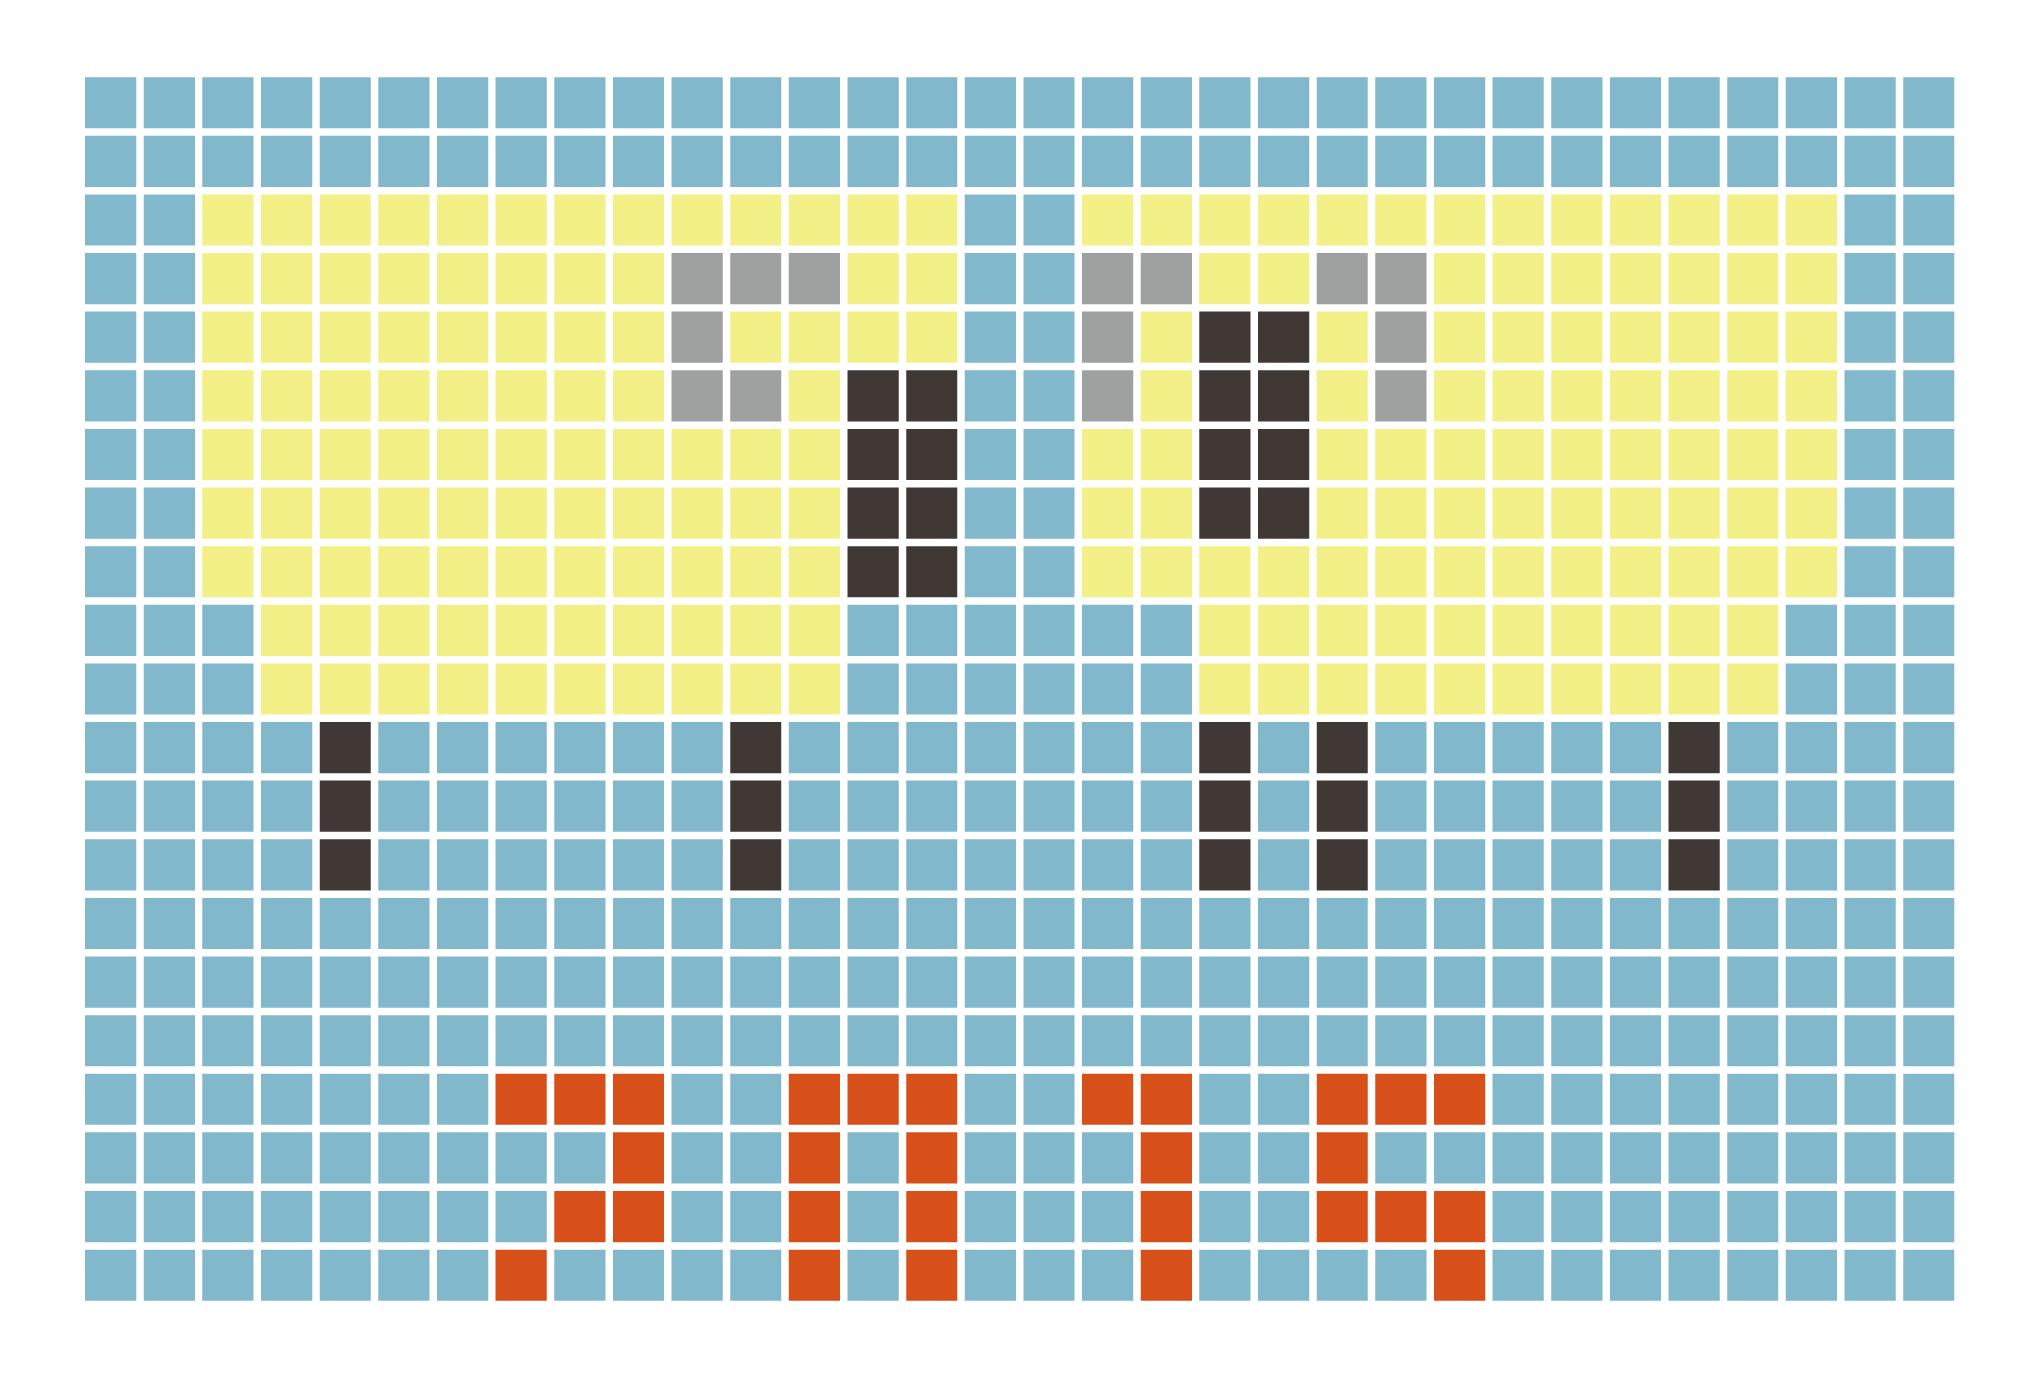 2015年賀状06-2:Sheep grid 2015 / 2のダウンロード画像